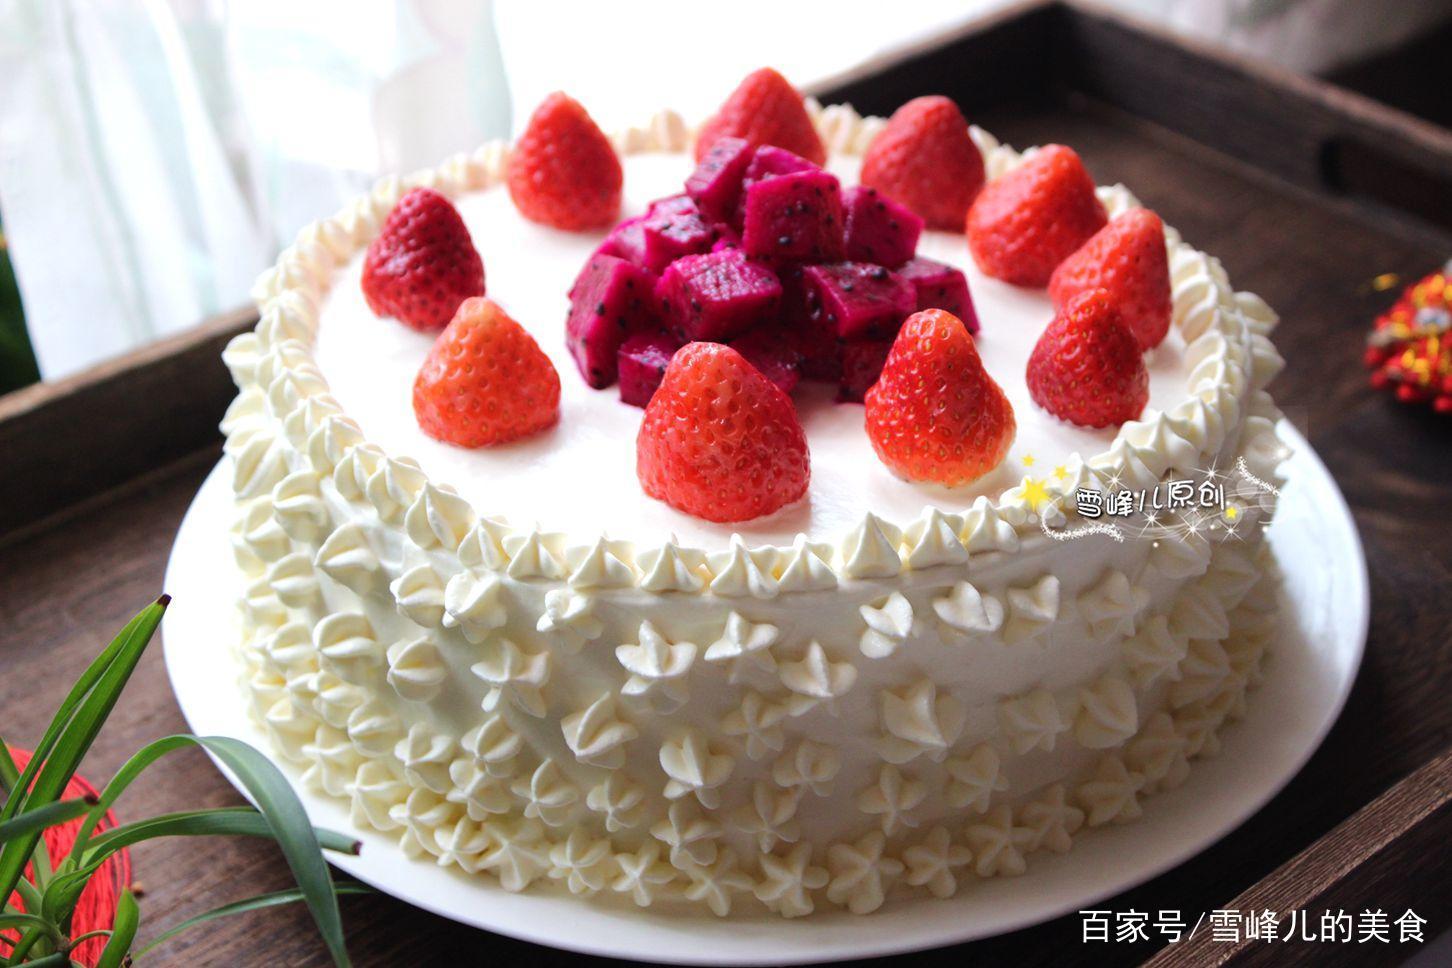 在家无聊做这款奶油蛋糕哄孩子,不会裱花不用怕,水果摆摆就搞定